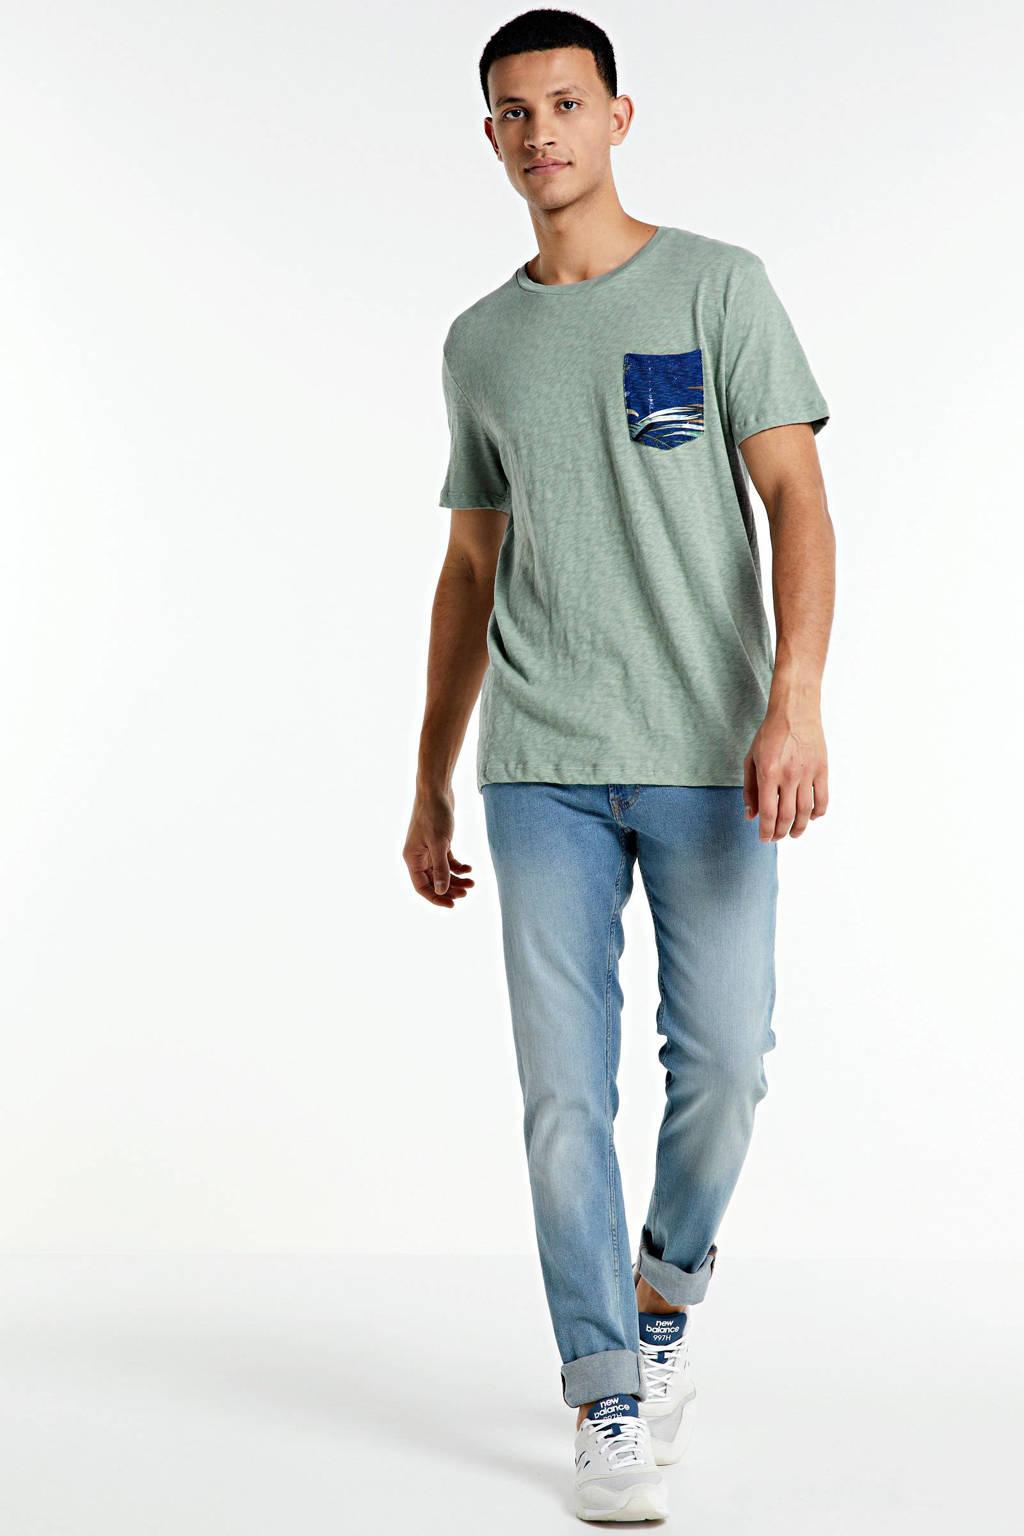 JACK & JONES ORIGINALS regular fit T-shirt van biologisch katoen lichtgroen/blauw, Lichtgroen/blauw